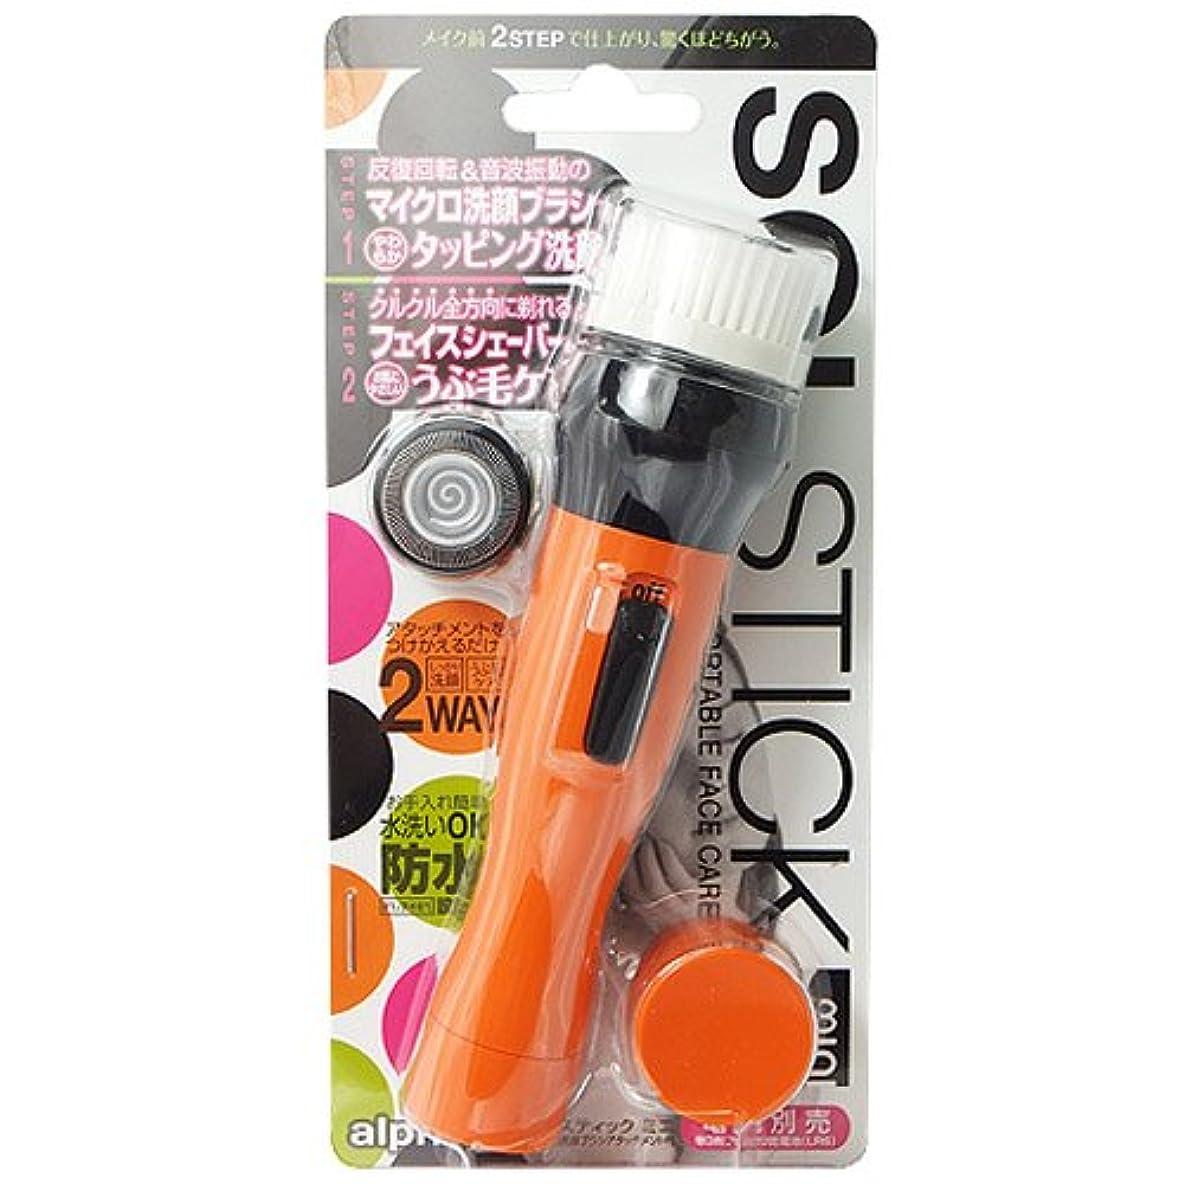 電気的ただやる局アルファP  ソルスティック ミニ マイクロ洗顔ブラシアタッチメント付  オレンジ